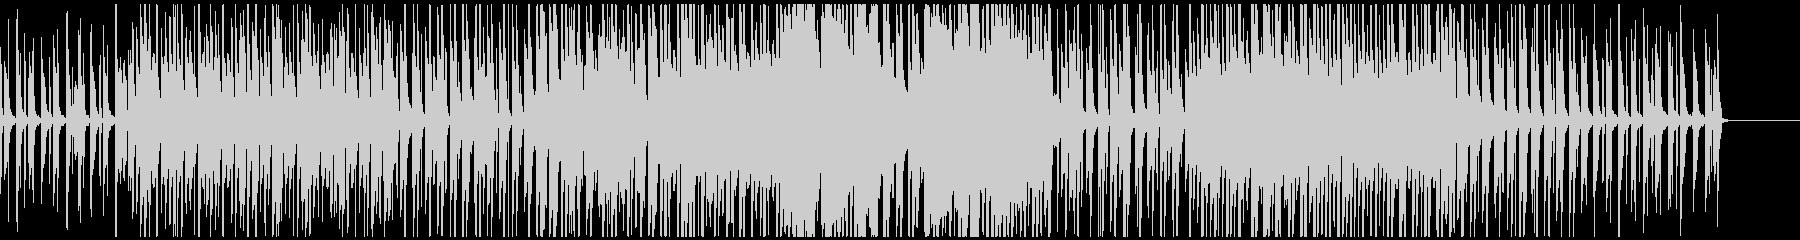 作業映像等に、ループするピアノエレクトロの未再生の波形